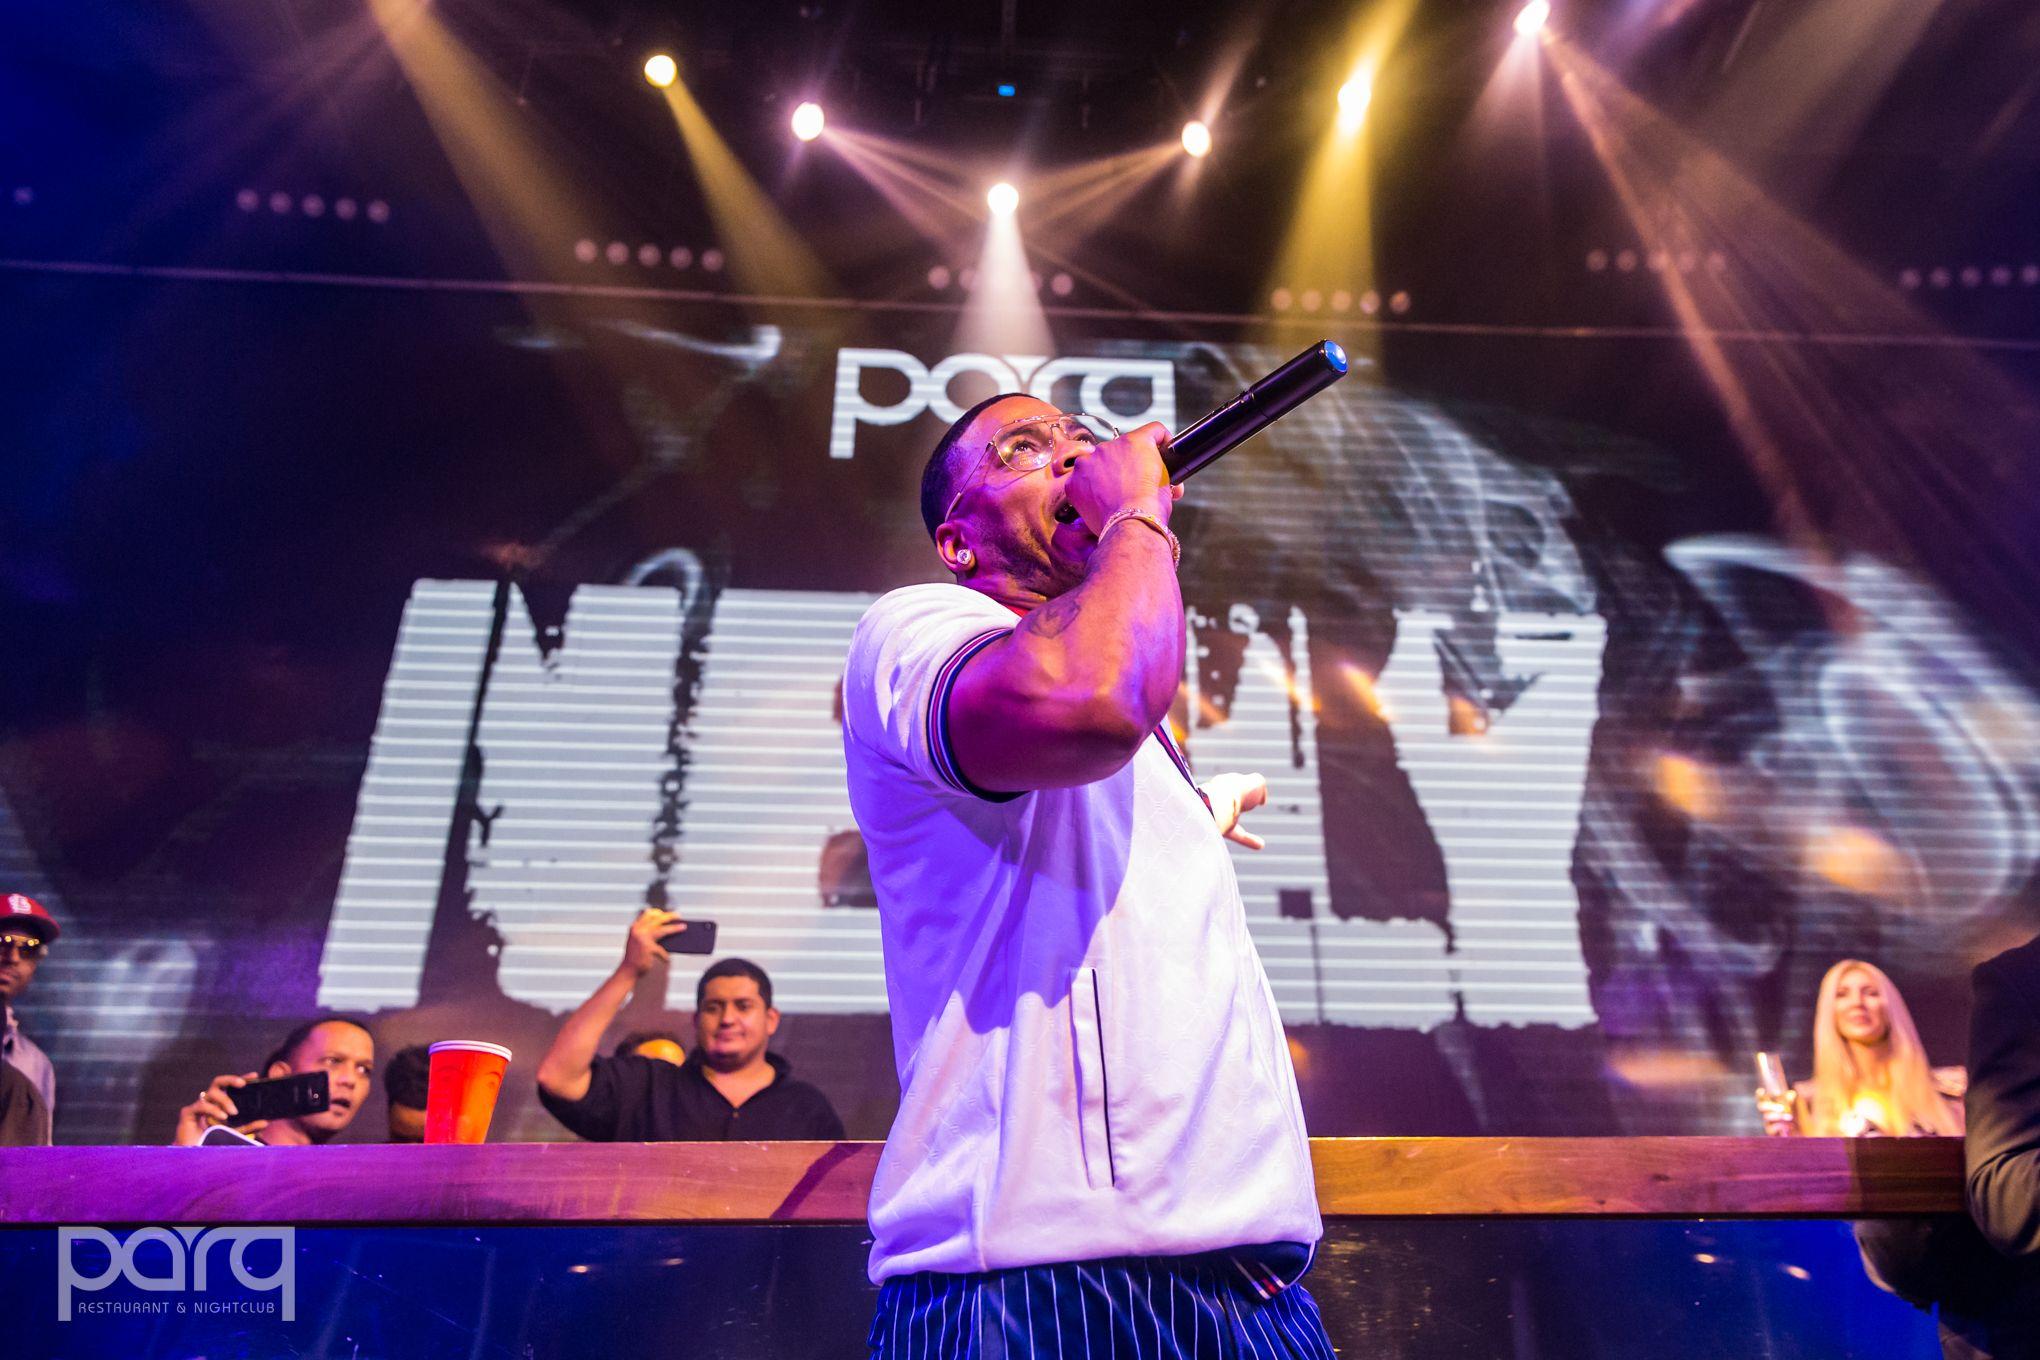 09.01.19 Parq - Nelly-10.jpg